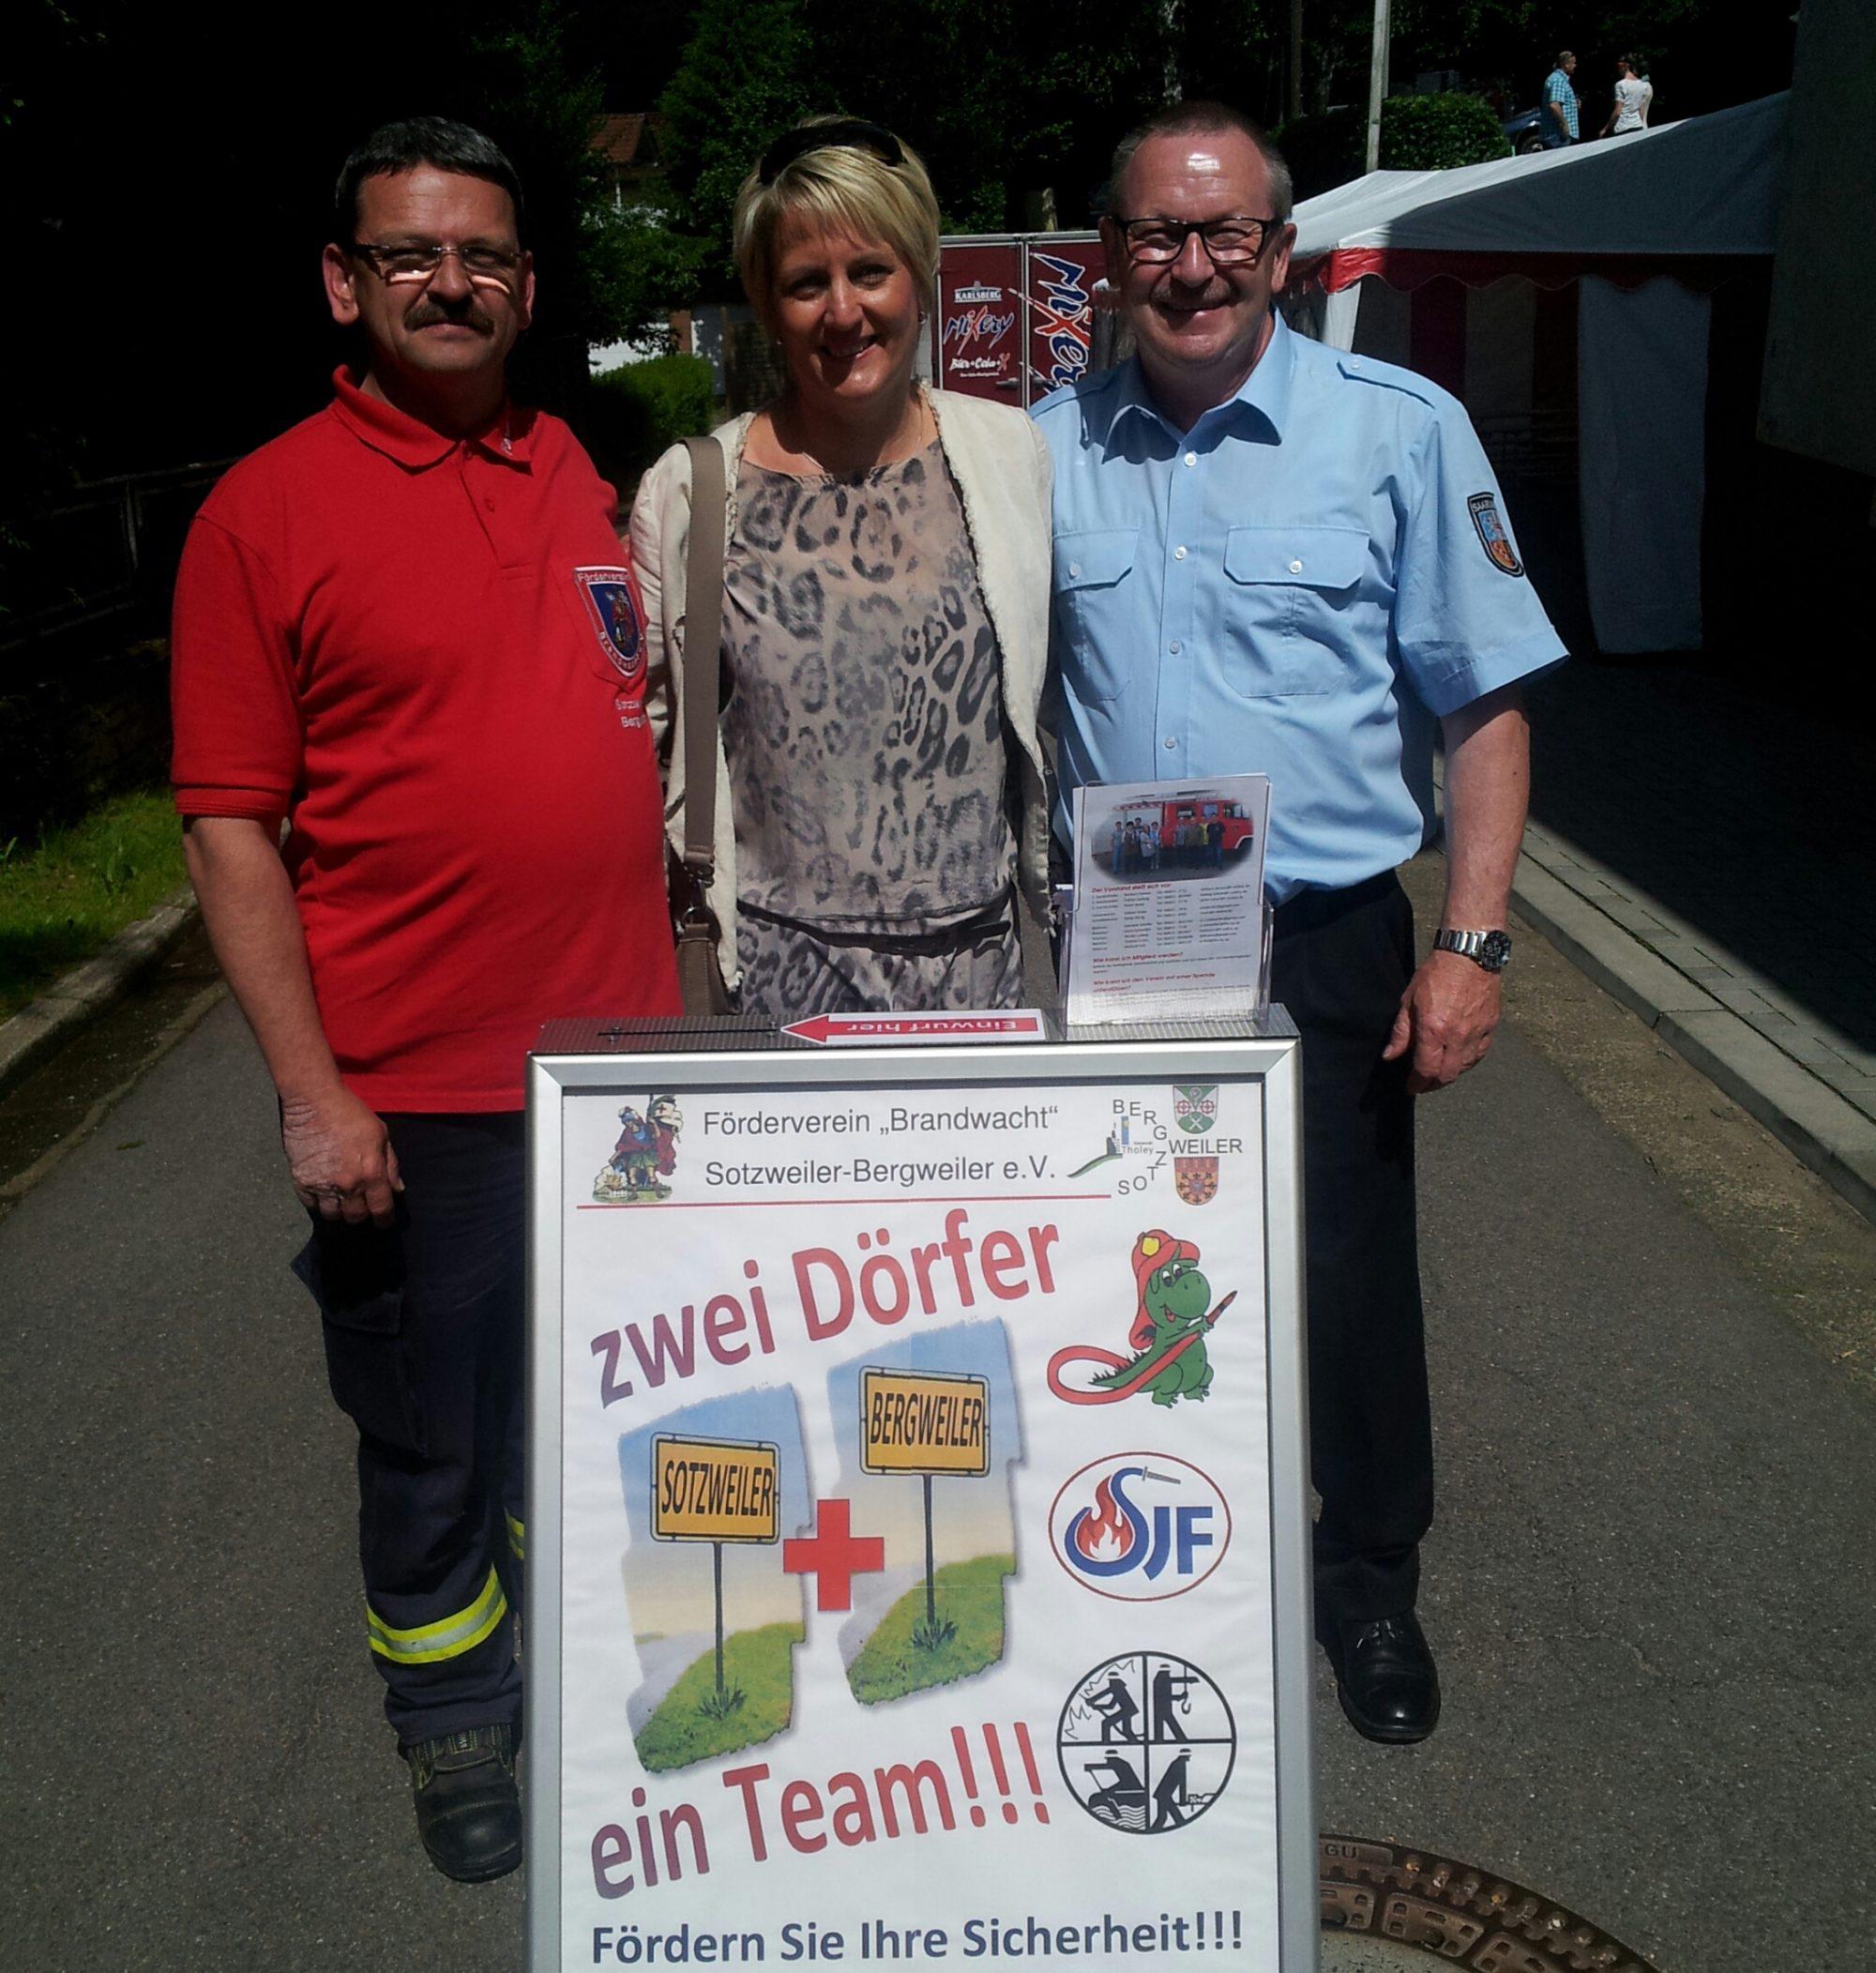 FFW Sotzweiler-Bergweiler 2013